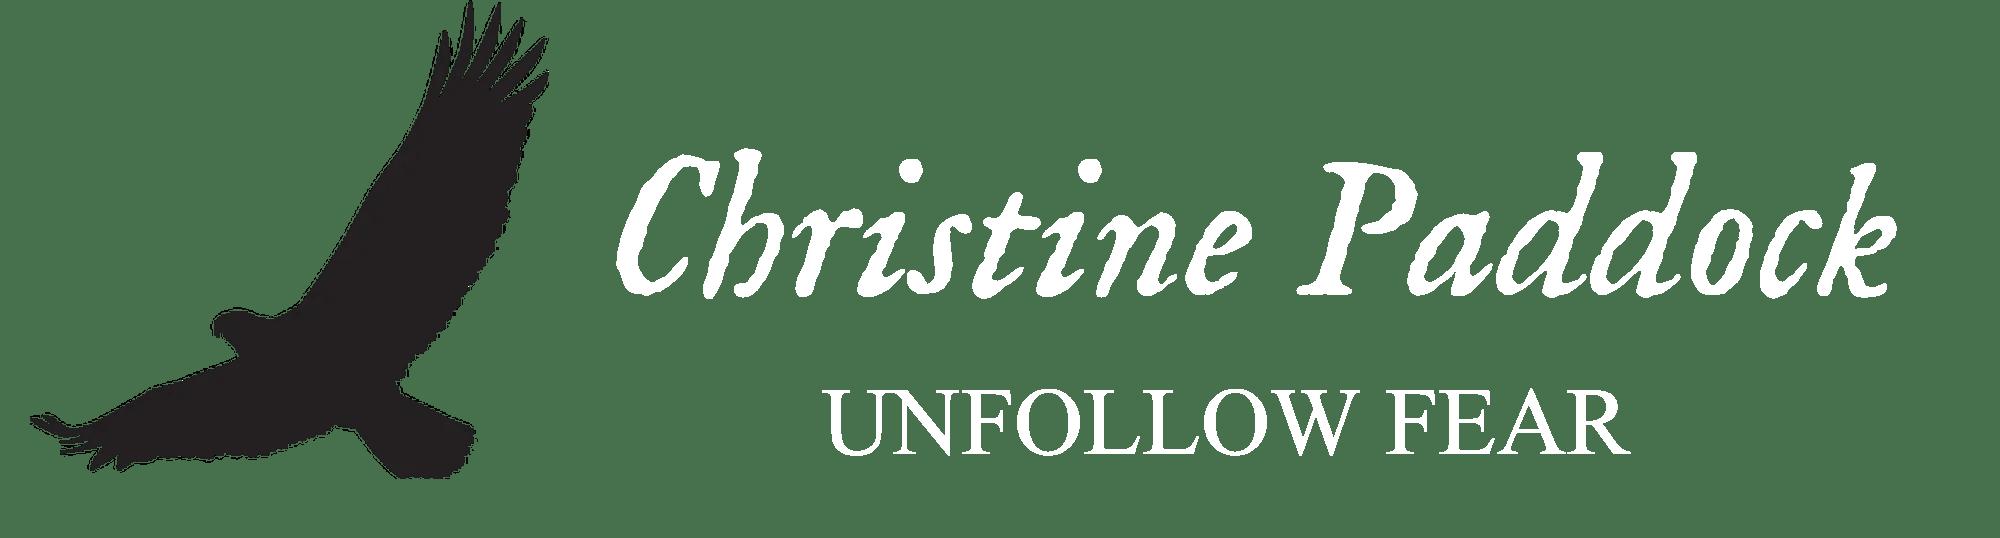 Christine Paddock